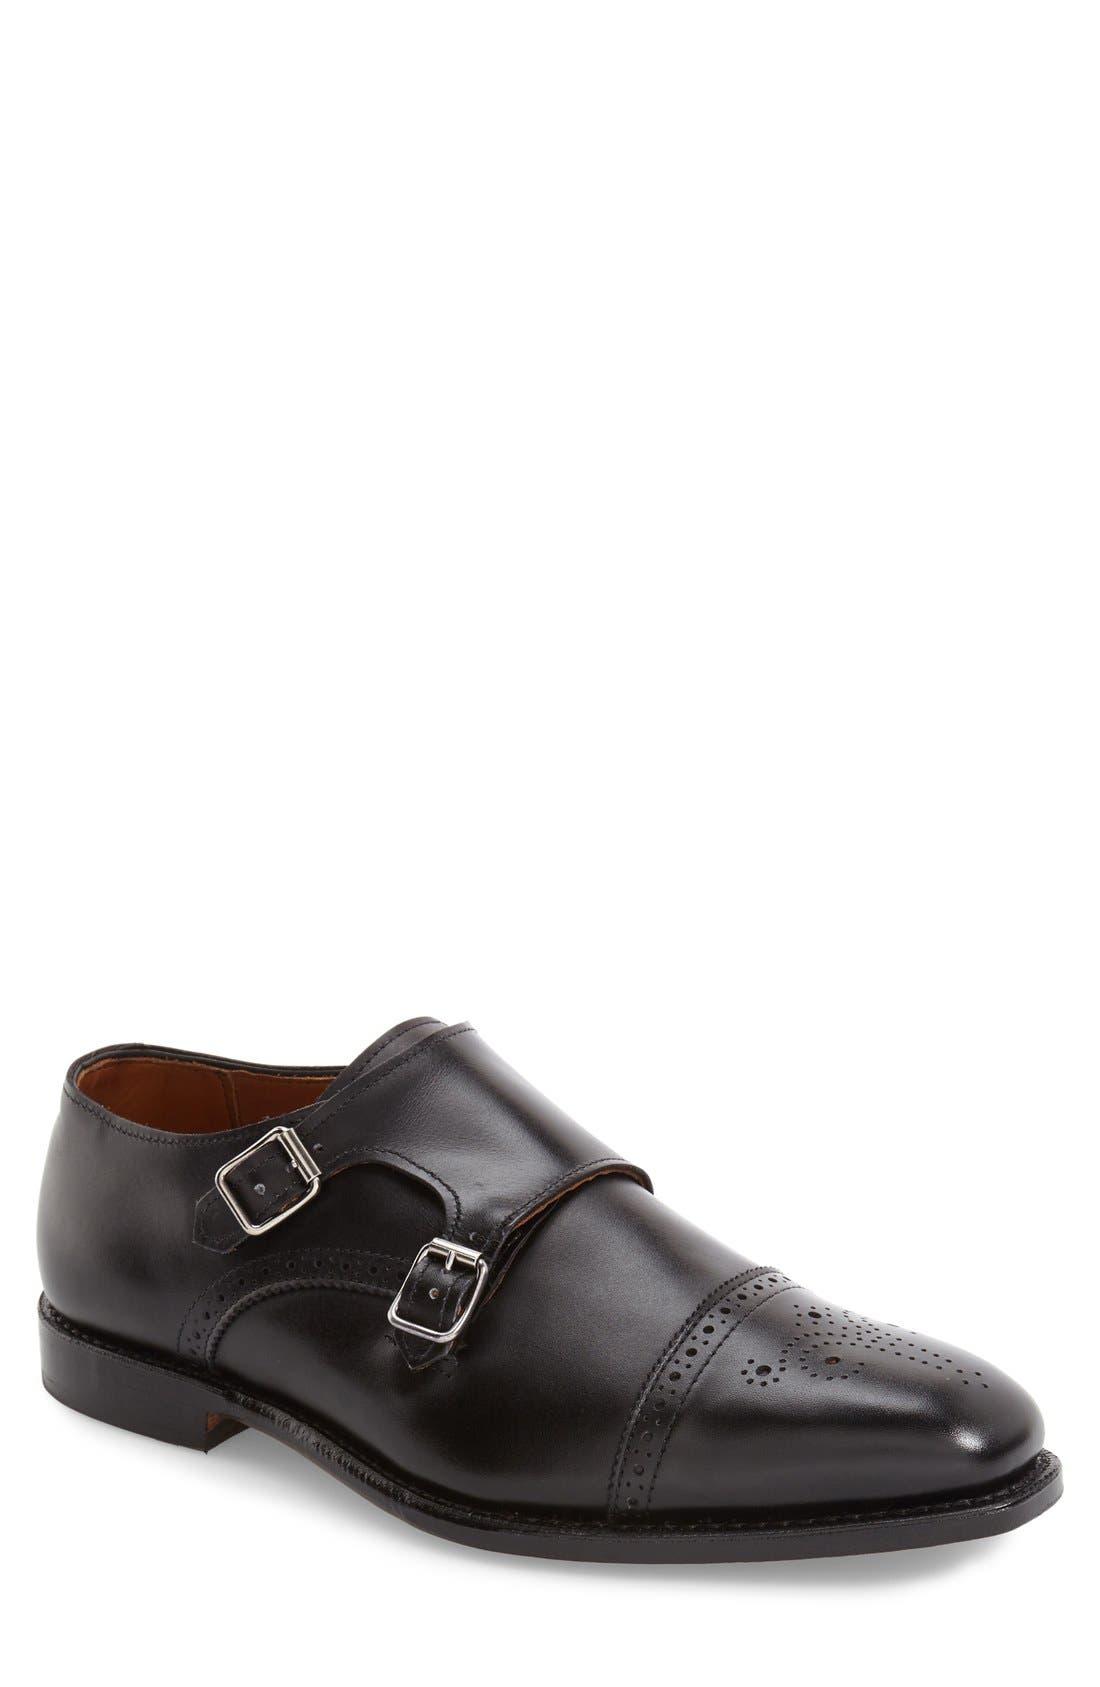 'St. Johns' Double Monk Strap Shoe,                             Main thumbnail 1, color,                             Black Leather